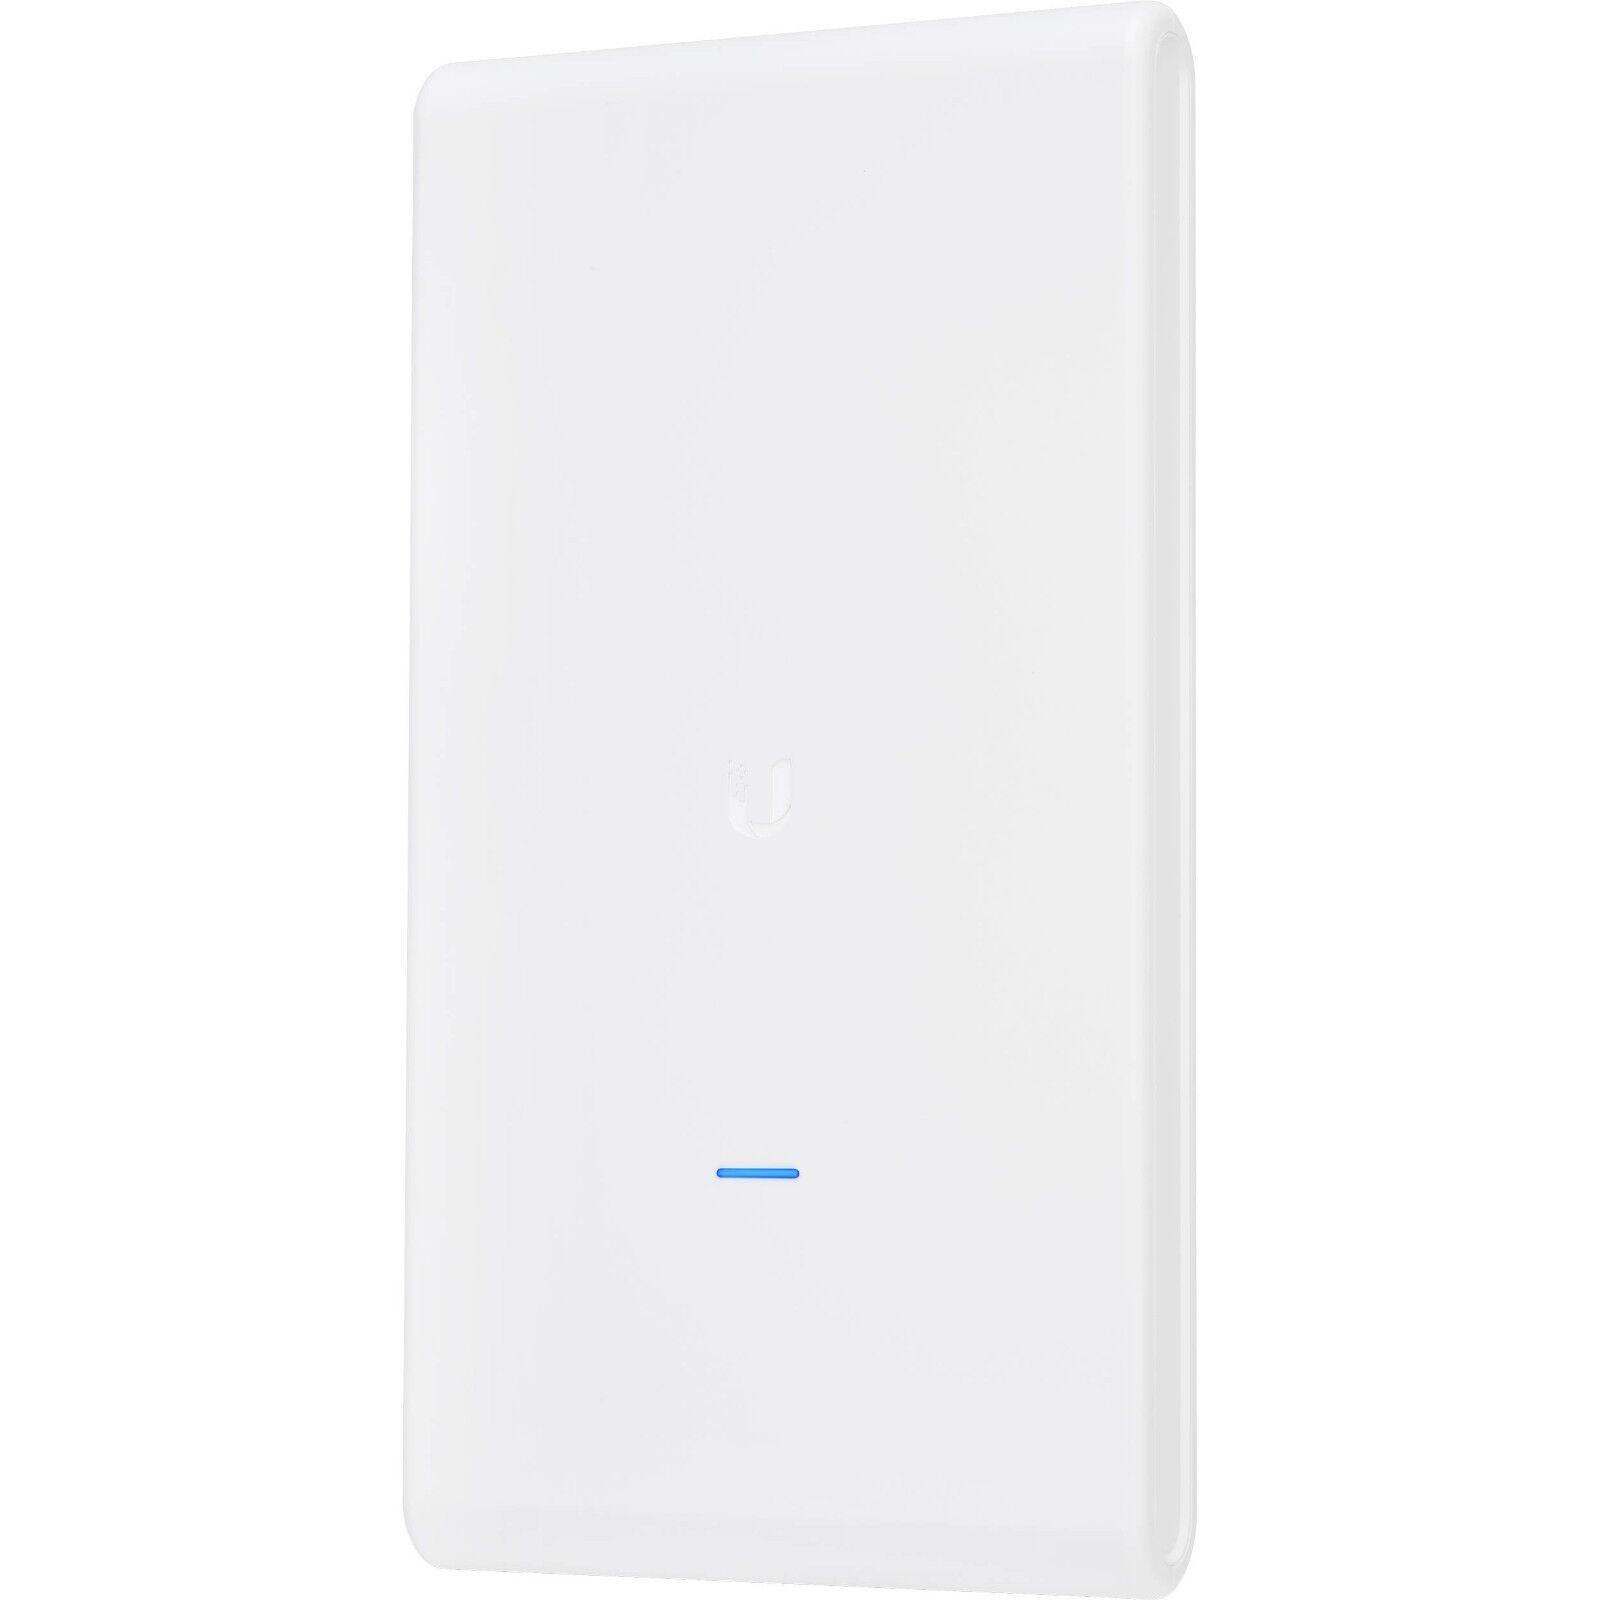 Ubiquiti UAP-AC-M-PRO-US Unifi Access Point